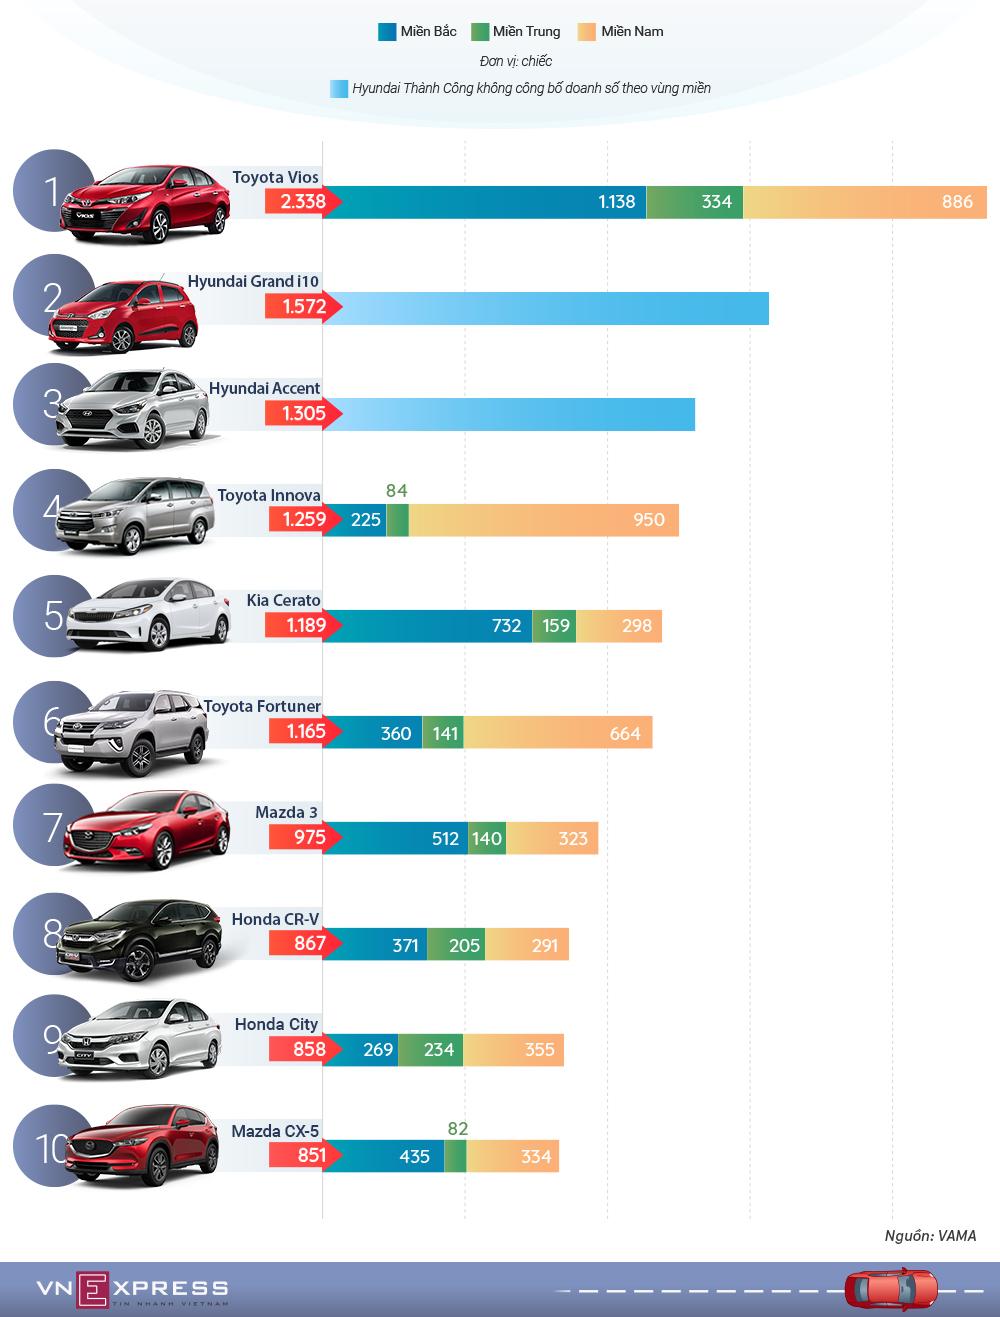 Ôtô bán chạy nhất tháng 9 - Kia Morning rơi khỏi top 10